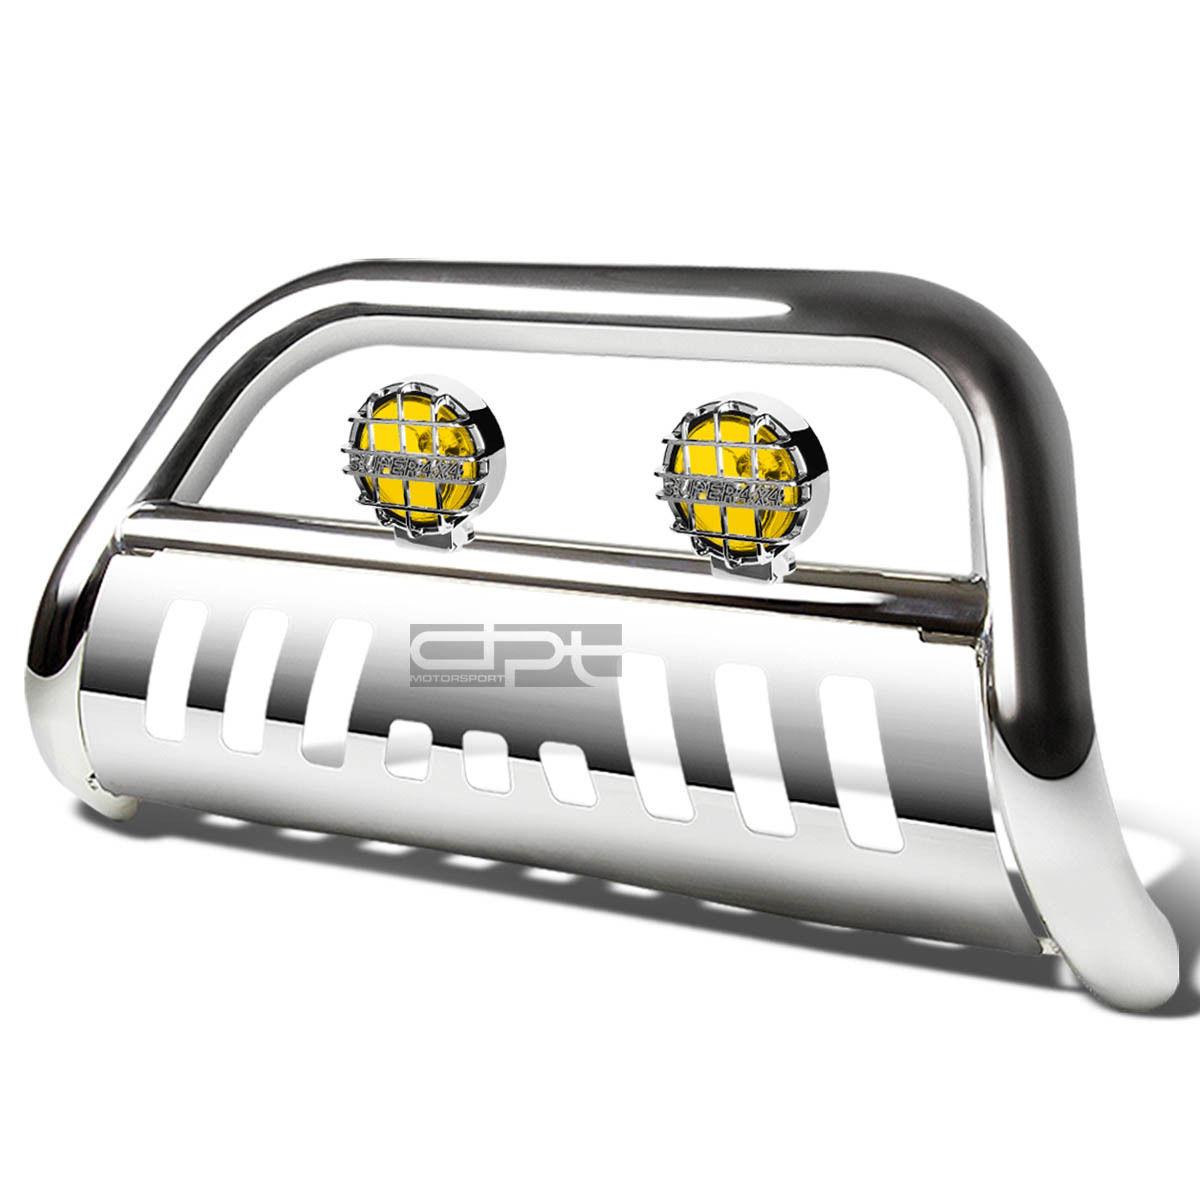 グリル FOR 09-16 DODGE RAM 1500 CHROME 3